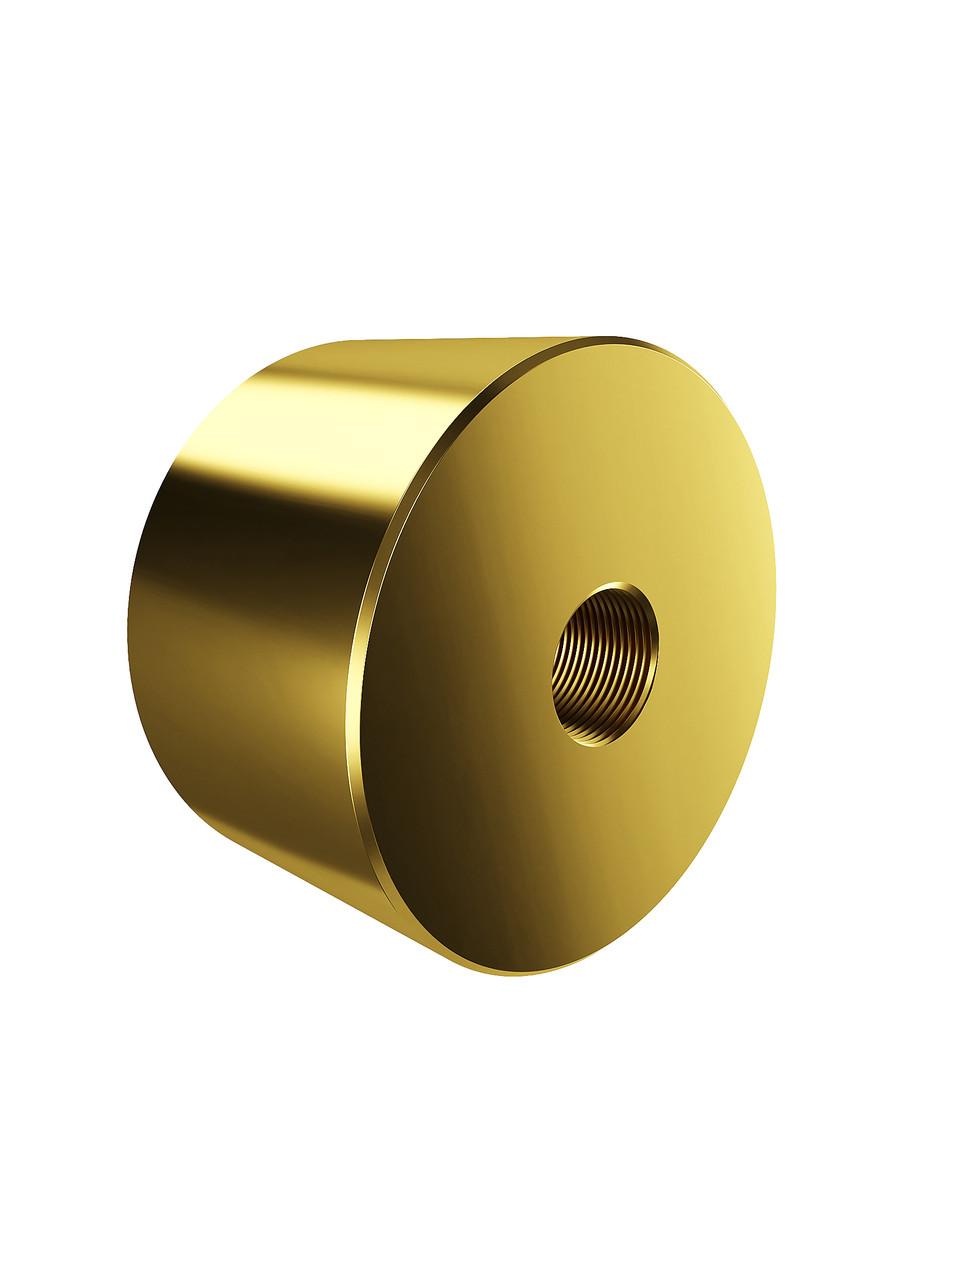 ODF-06-26-10-L25 Дистанція 25 мм для коннектора діаметром 40 мм з різьбою М10, колір золото